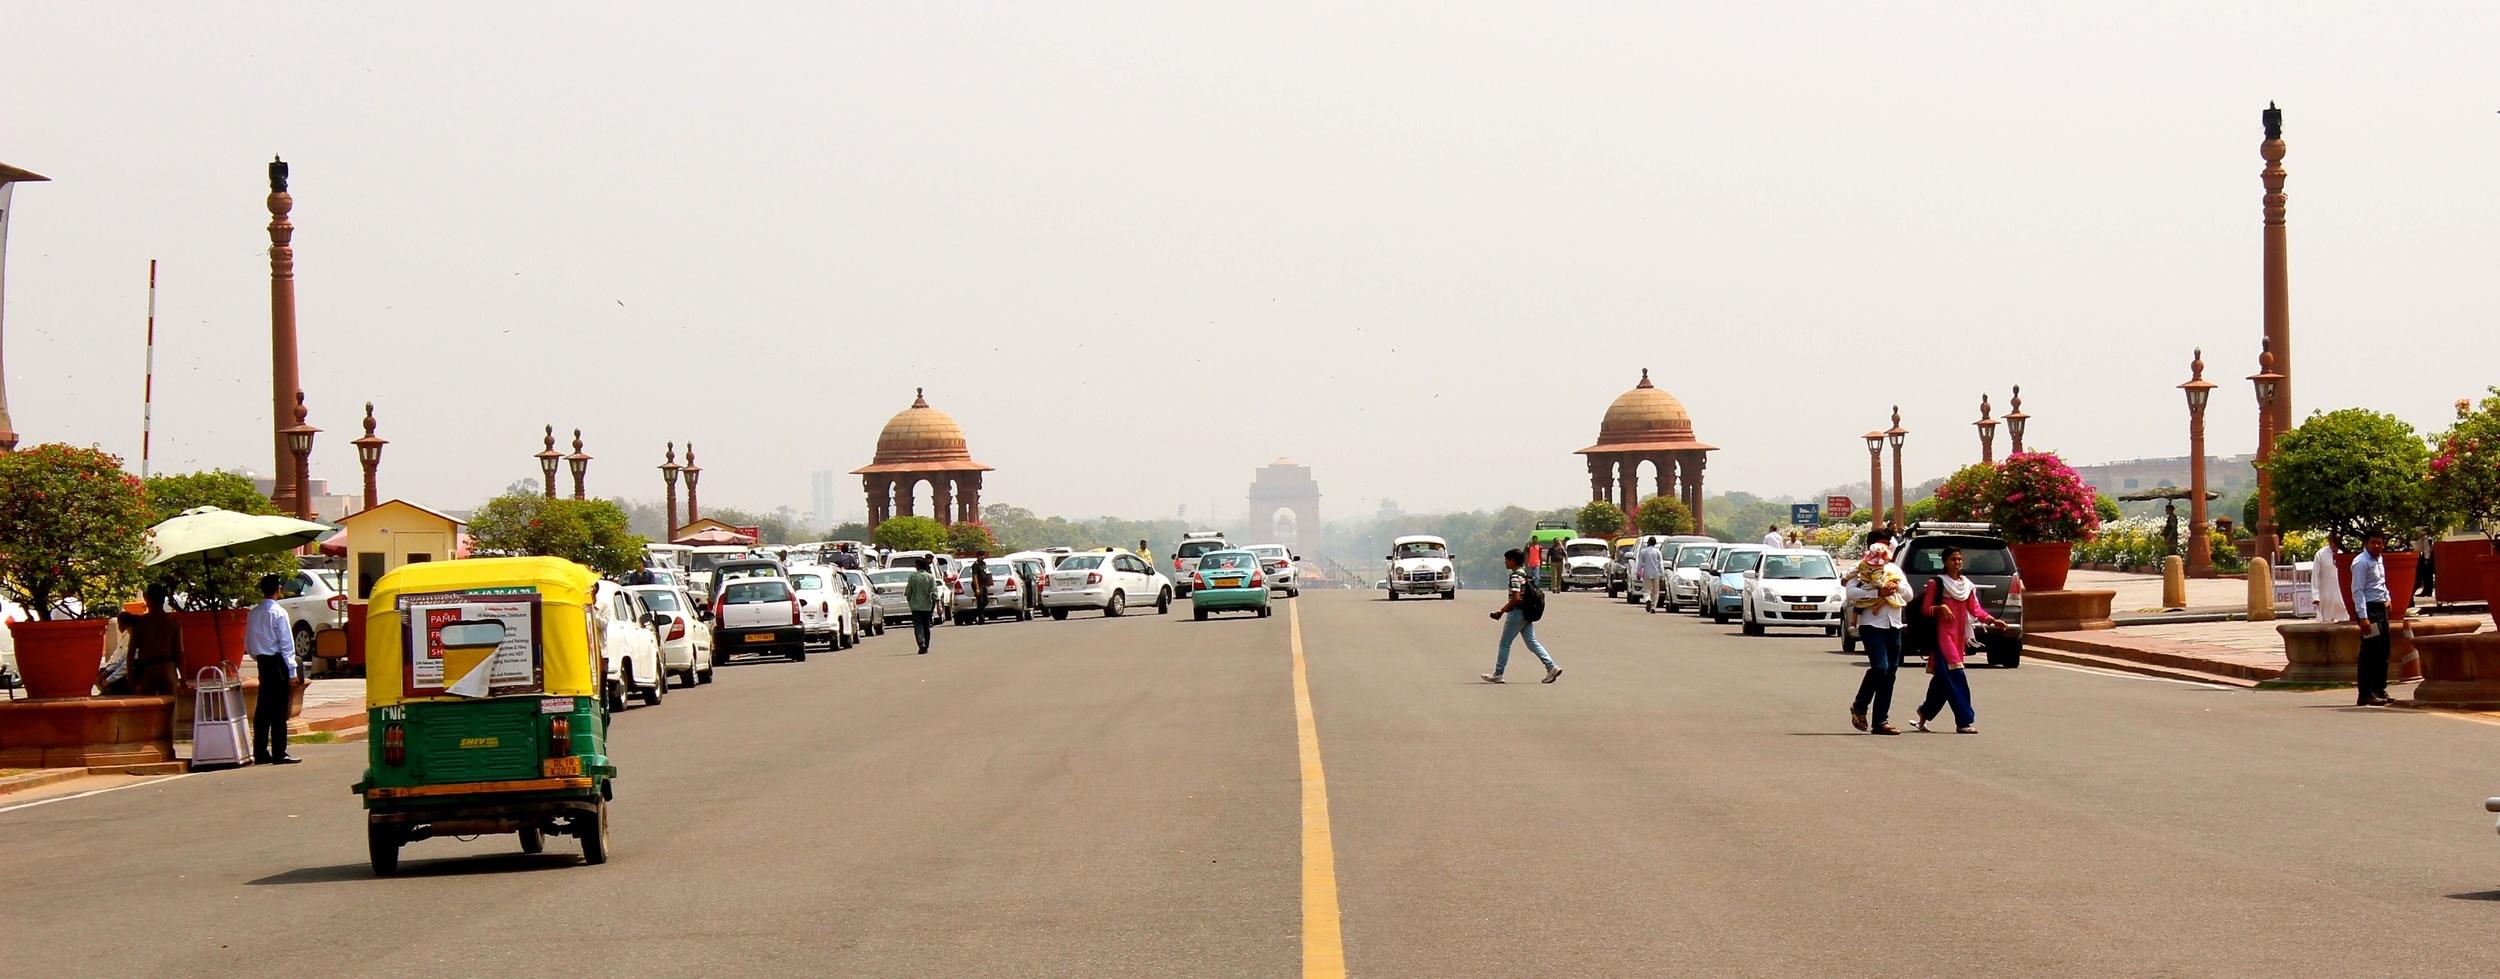 Regierungsviertel Delhi